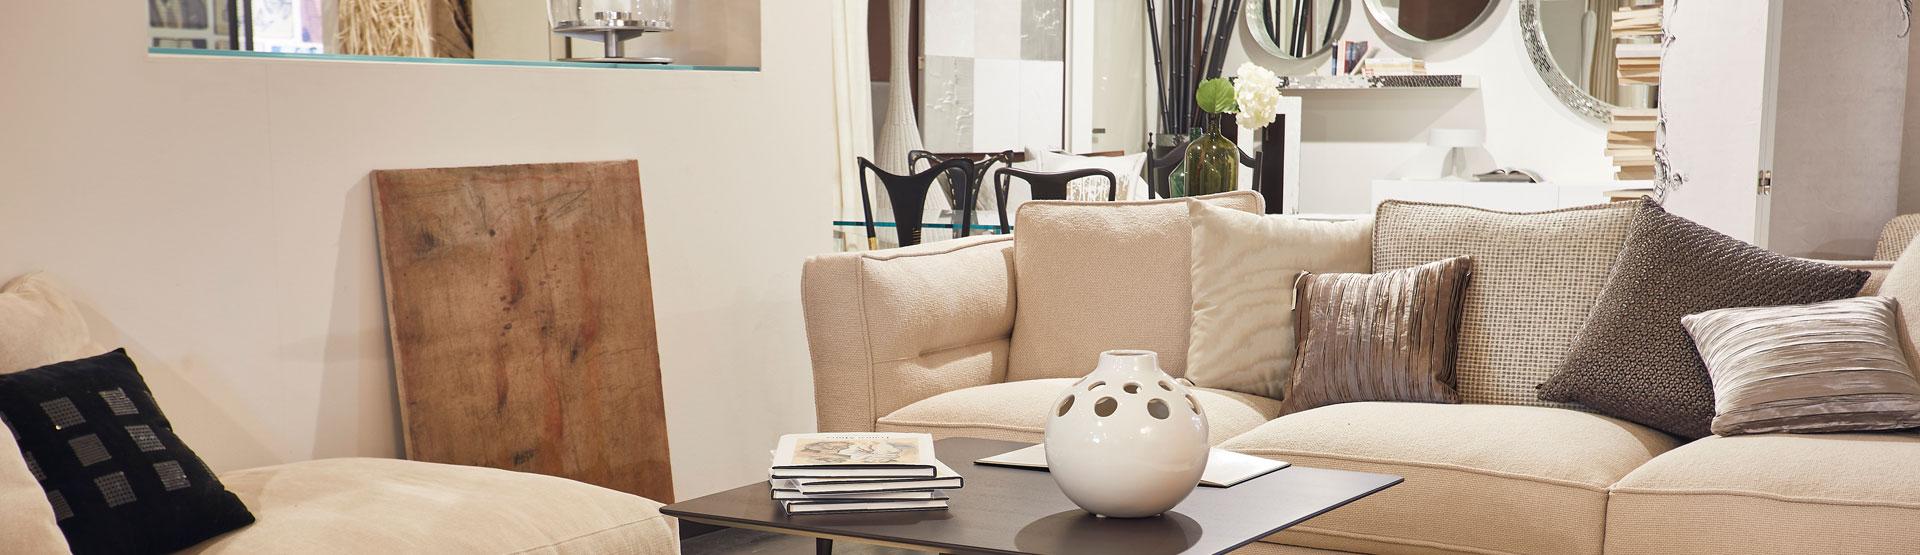 Showroom arredamento di design mobili di design atelier for Tumidei arredamenti